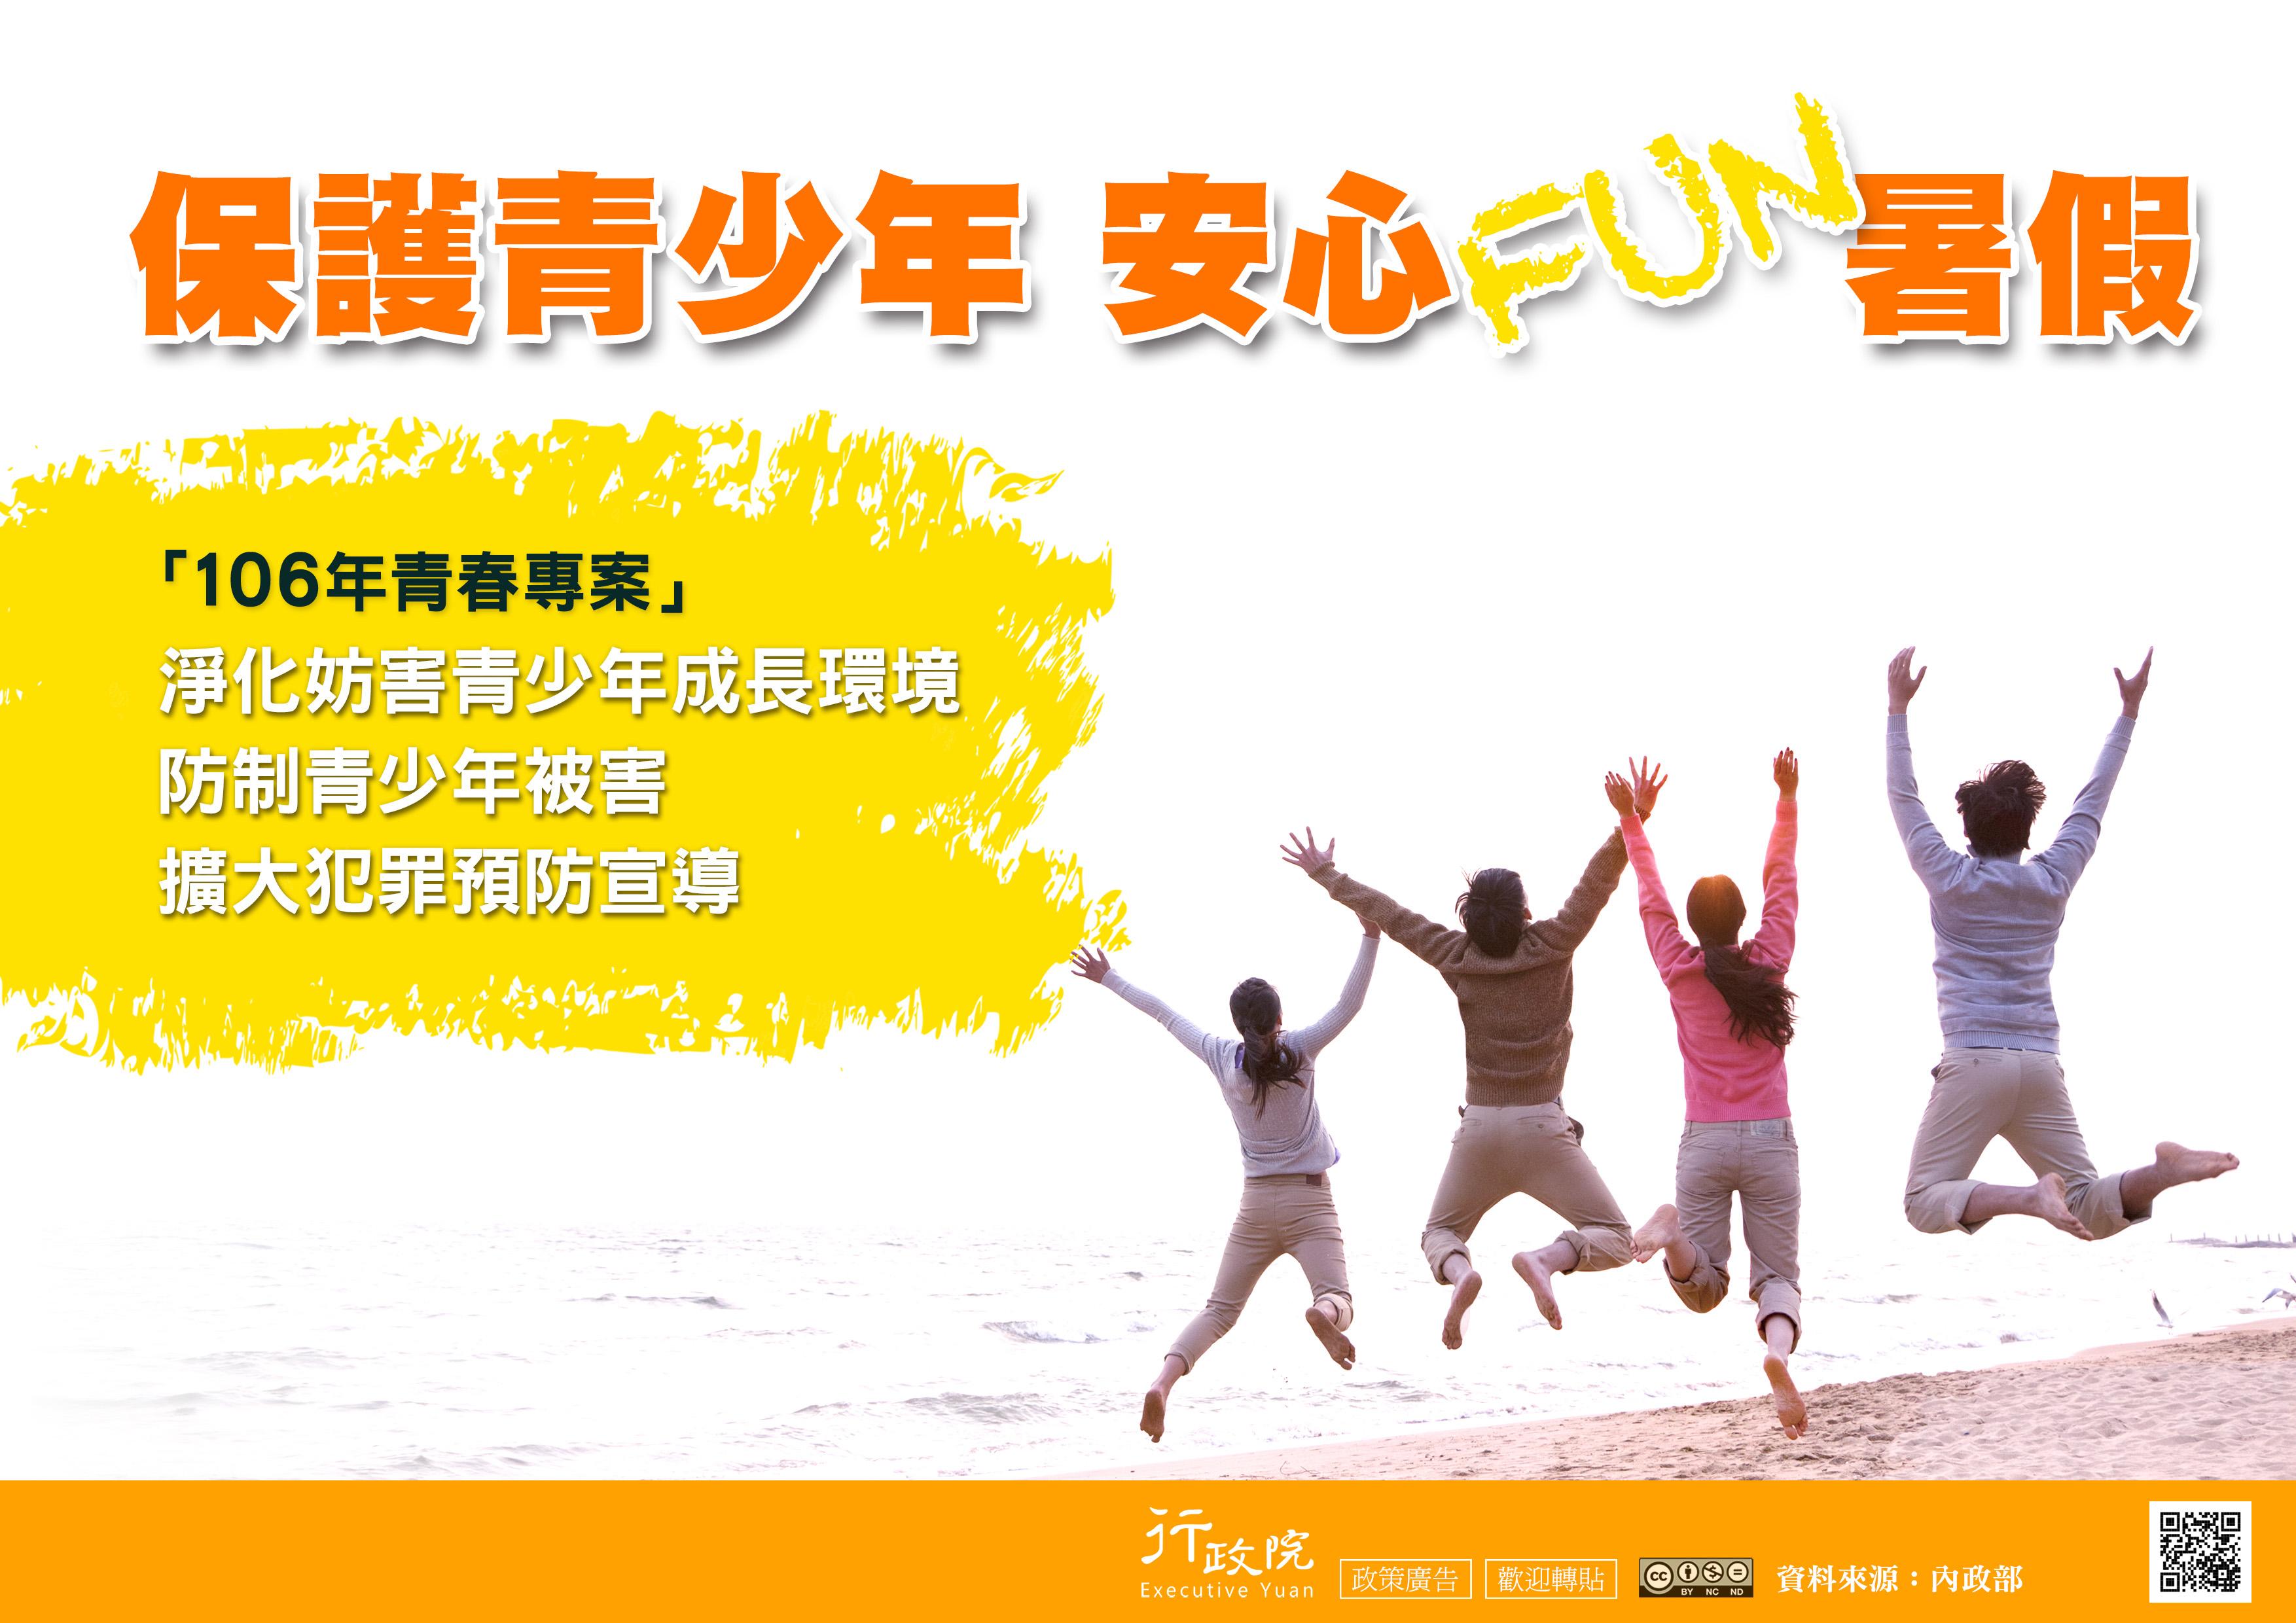 保護青少年 安心FUN暑假